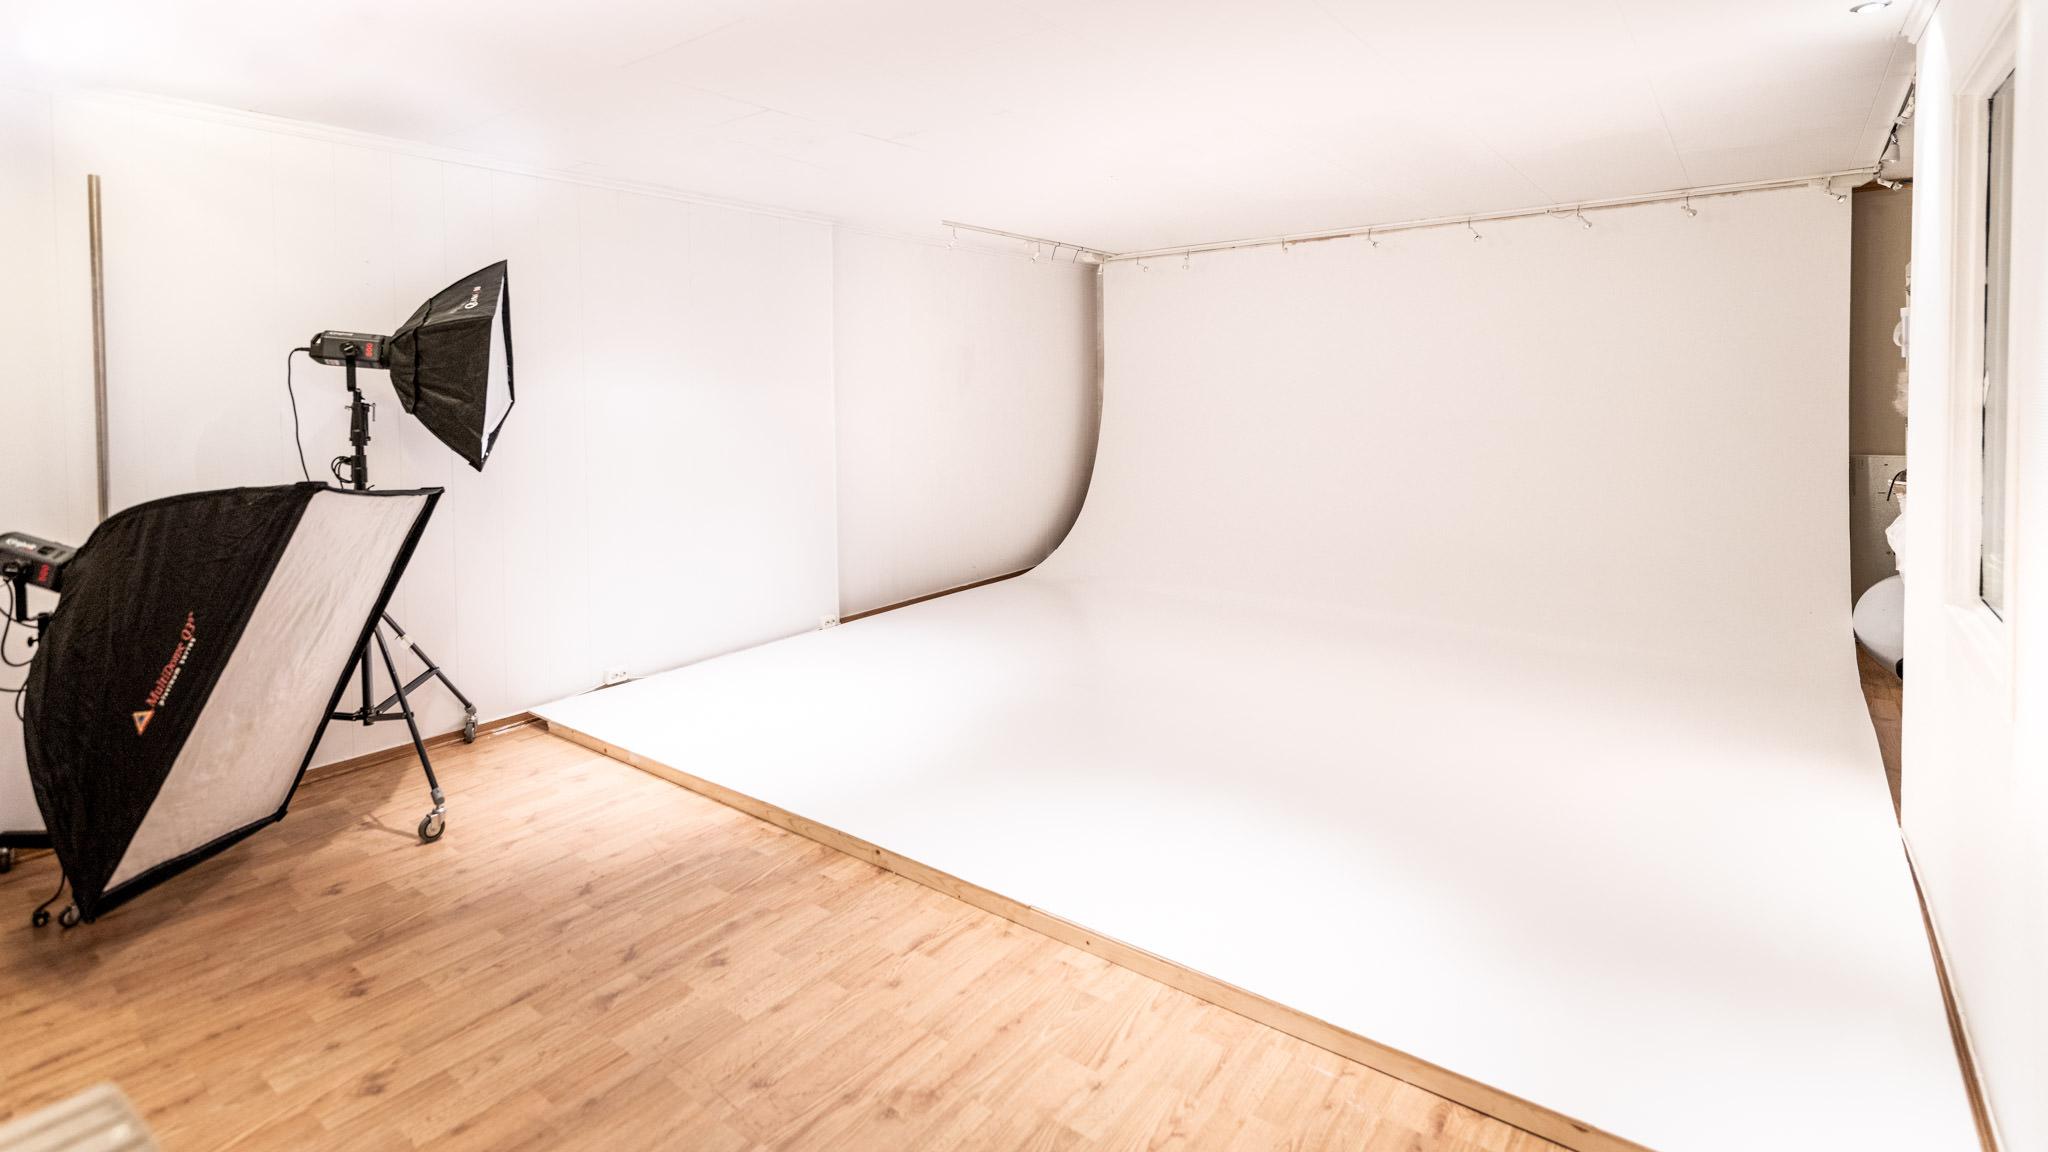 I studio 2 finner du plassbygd cyclorama / buet vegg som gir et veldig rent fotostudio å jobbe i, her kan jeg fotografere alt fra 100% hvit og så graderinger av grått hele veien til nærmest sort bakgrunn. Dette studioet er det jeg bruker på større grupper mennesker.